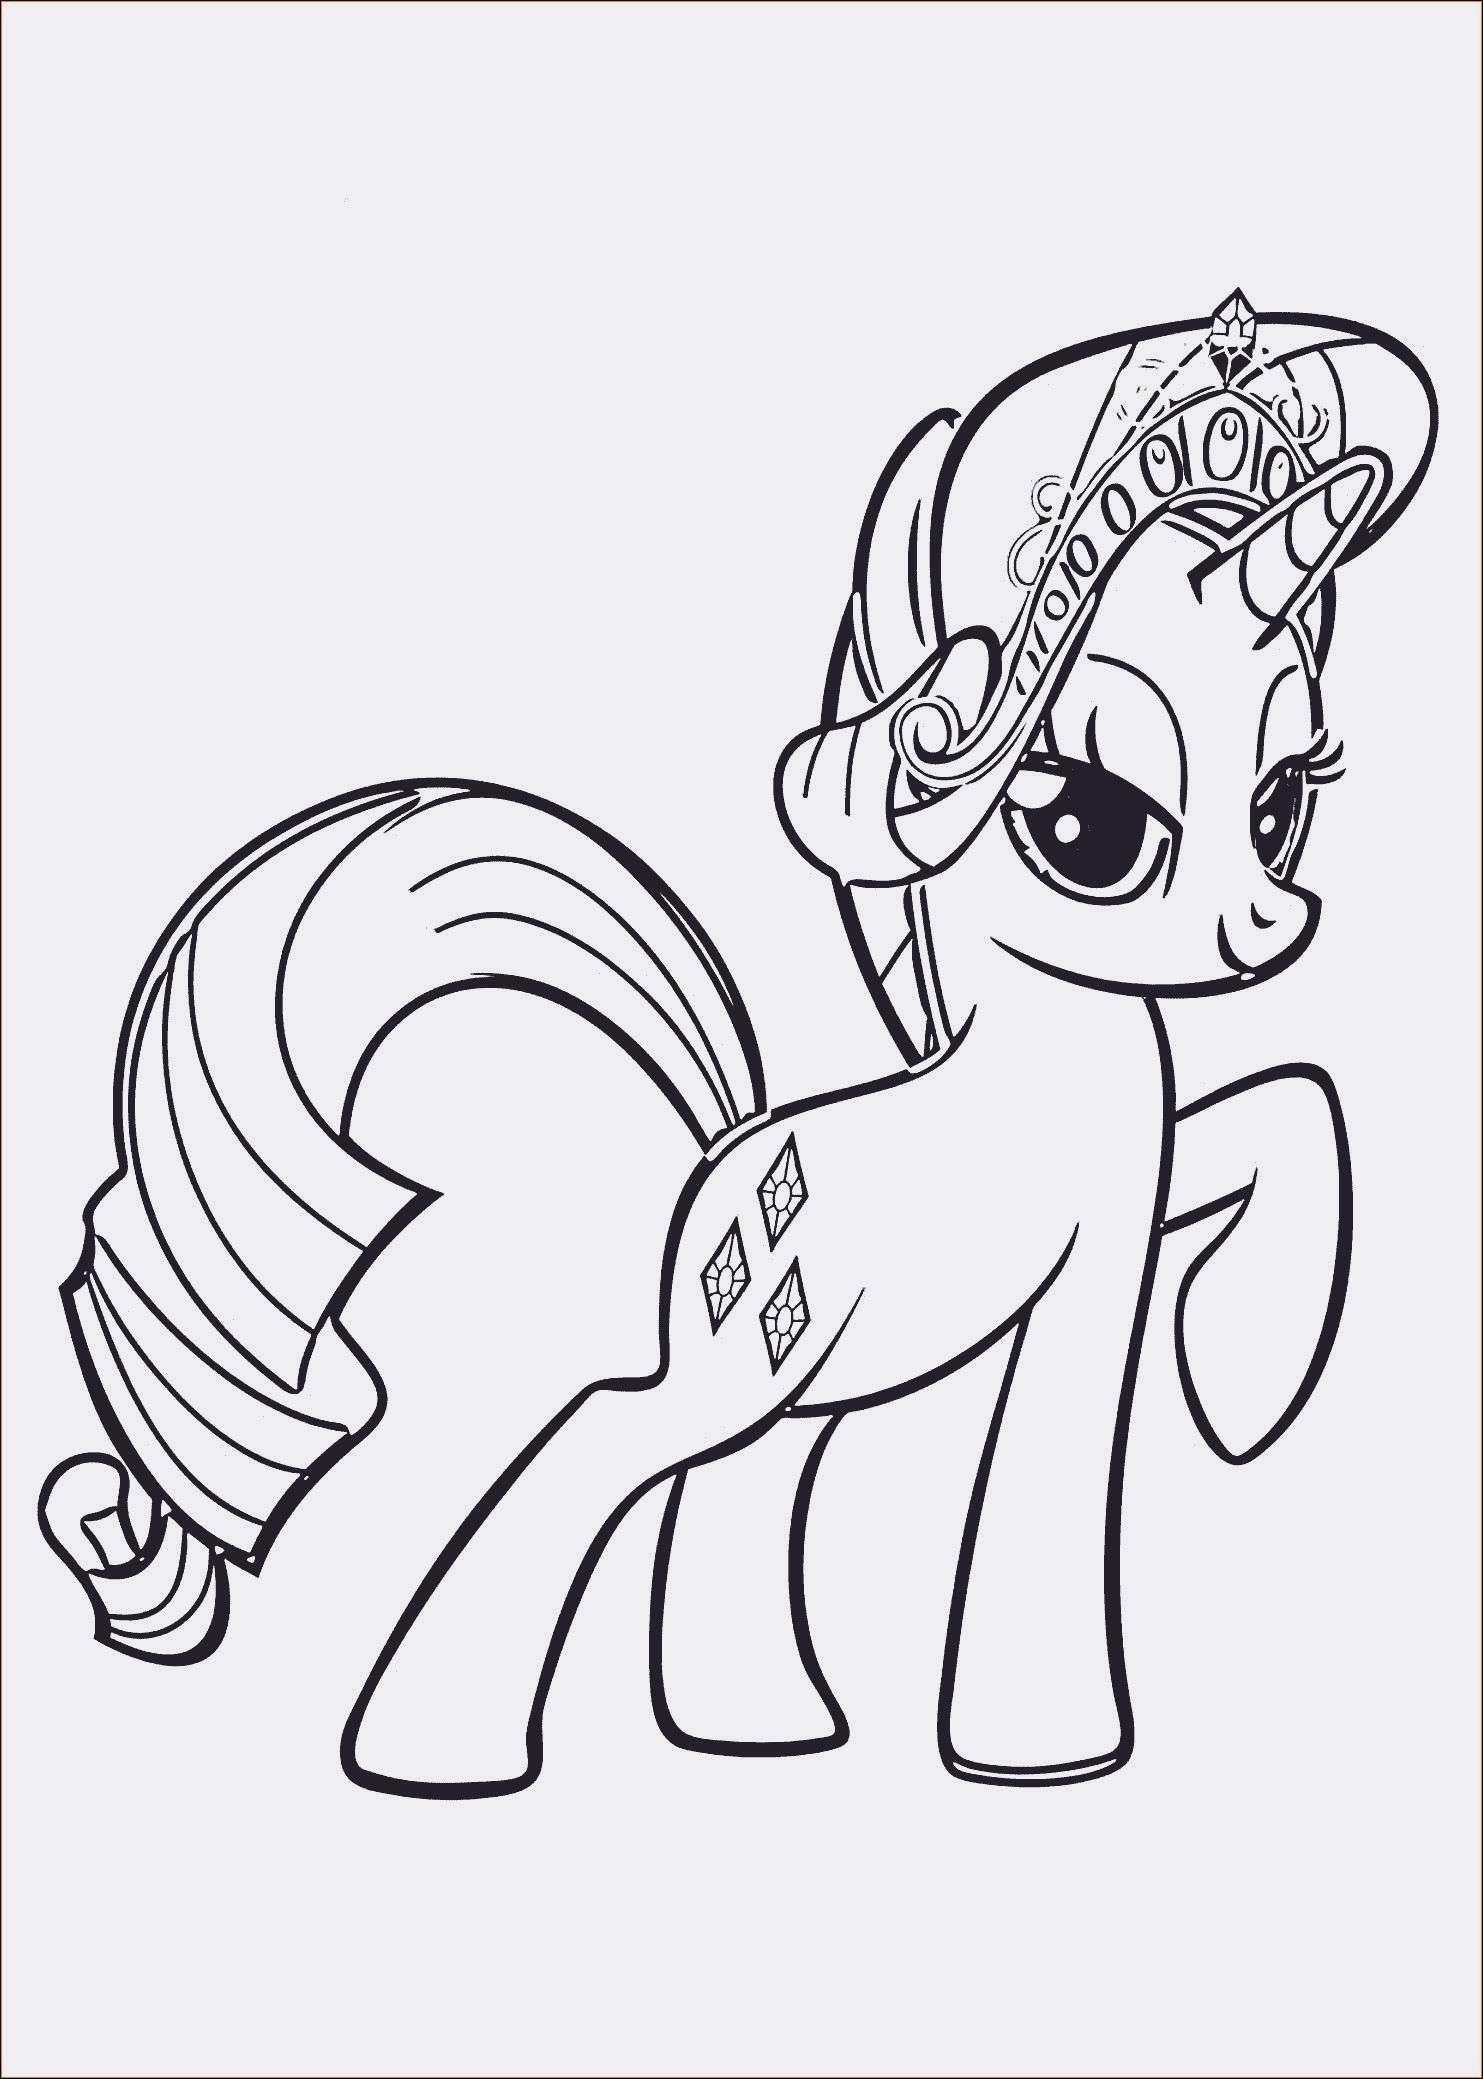 Ausmalbilder My Little Pony Rainbow Dash Einzigartig Beispielbilder Färben My Little Pony Ausmalbilder Einzigartig My Das Bild